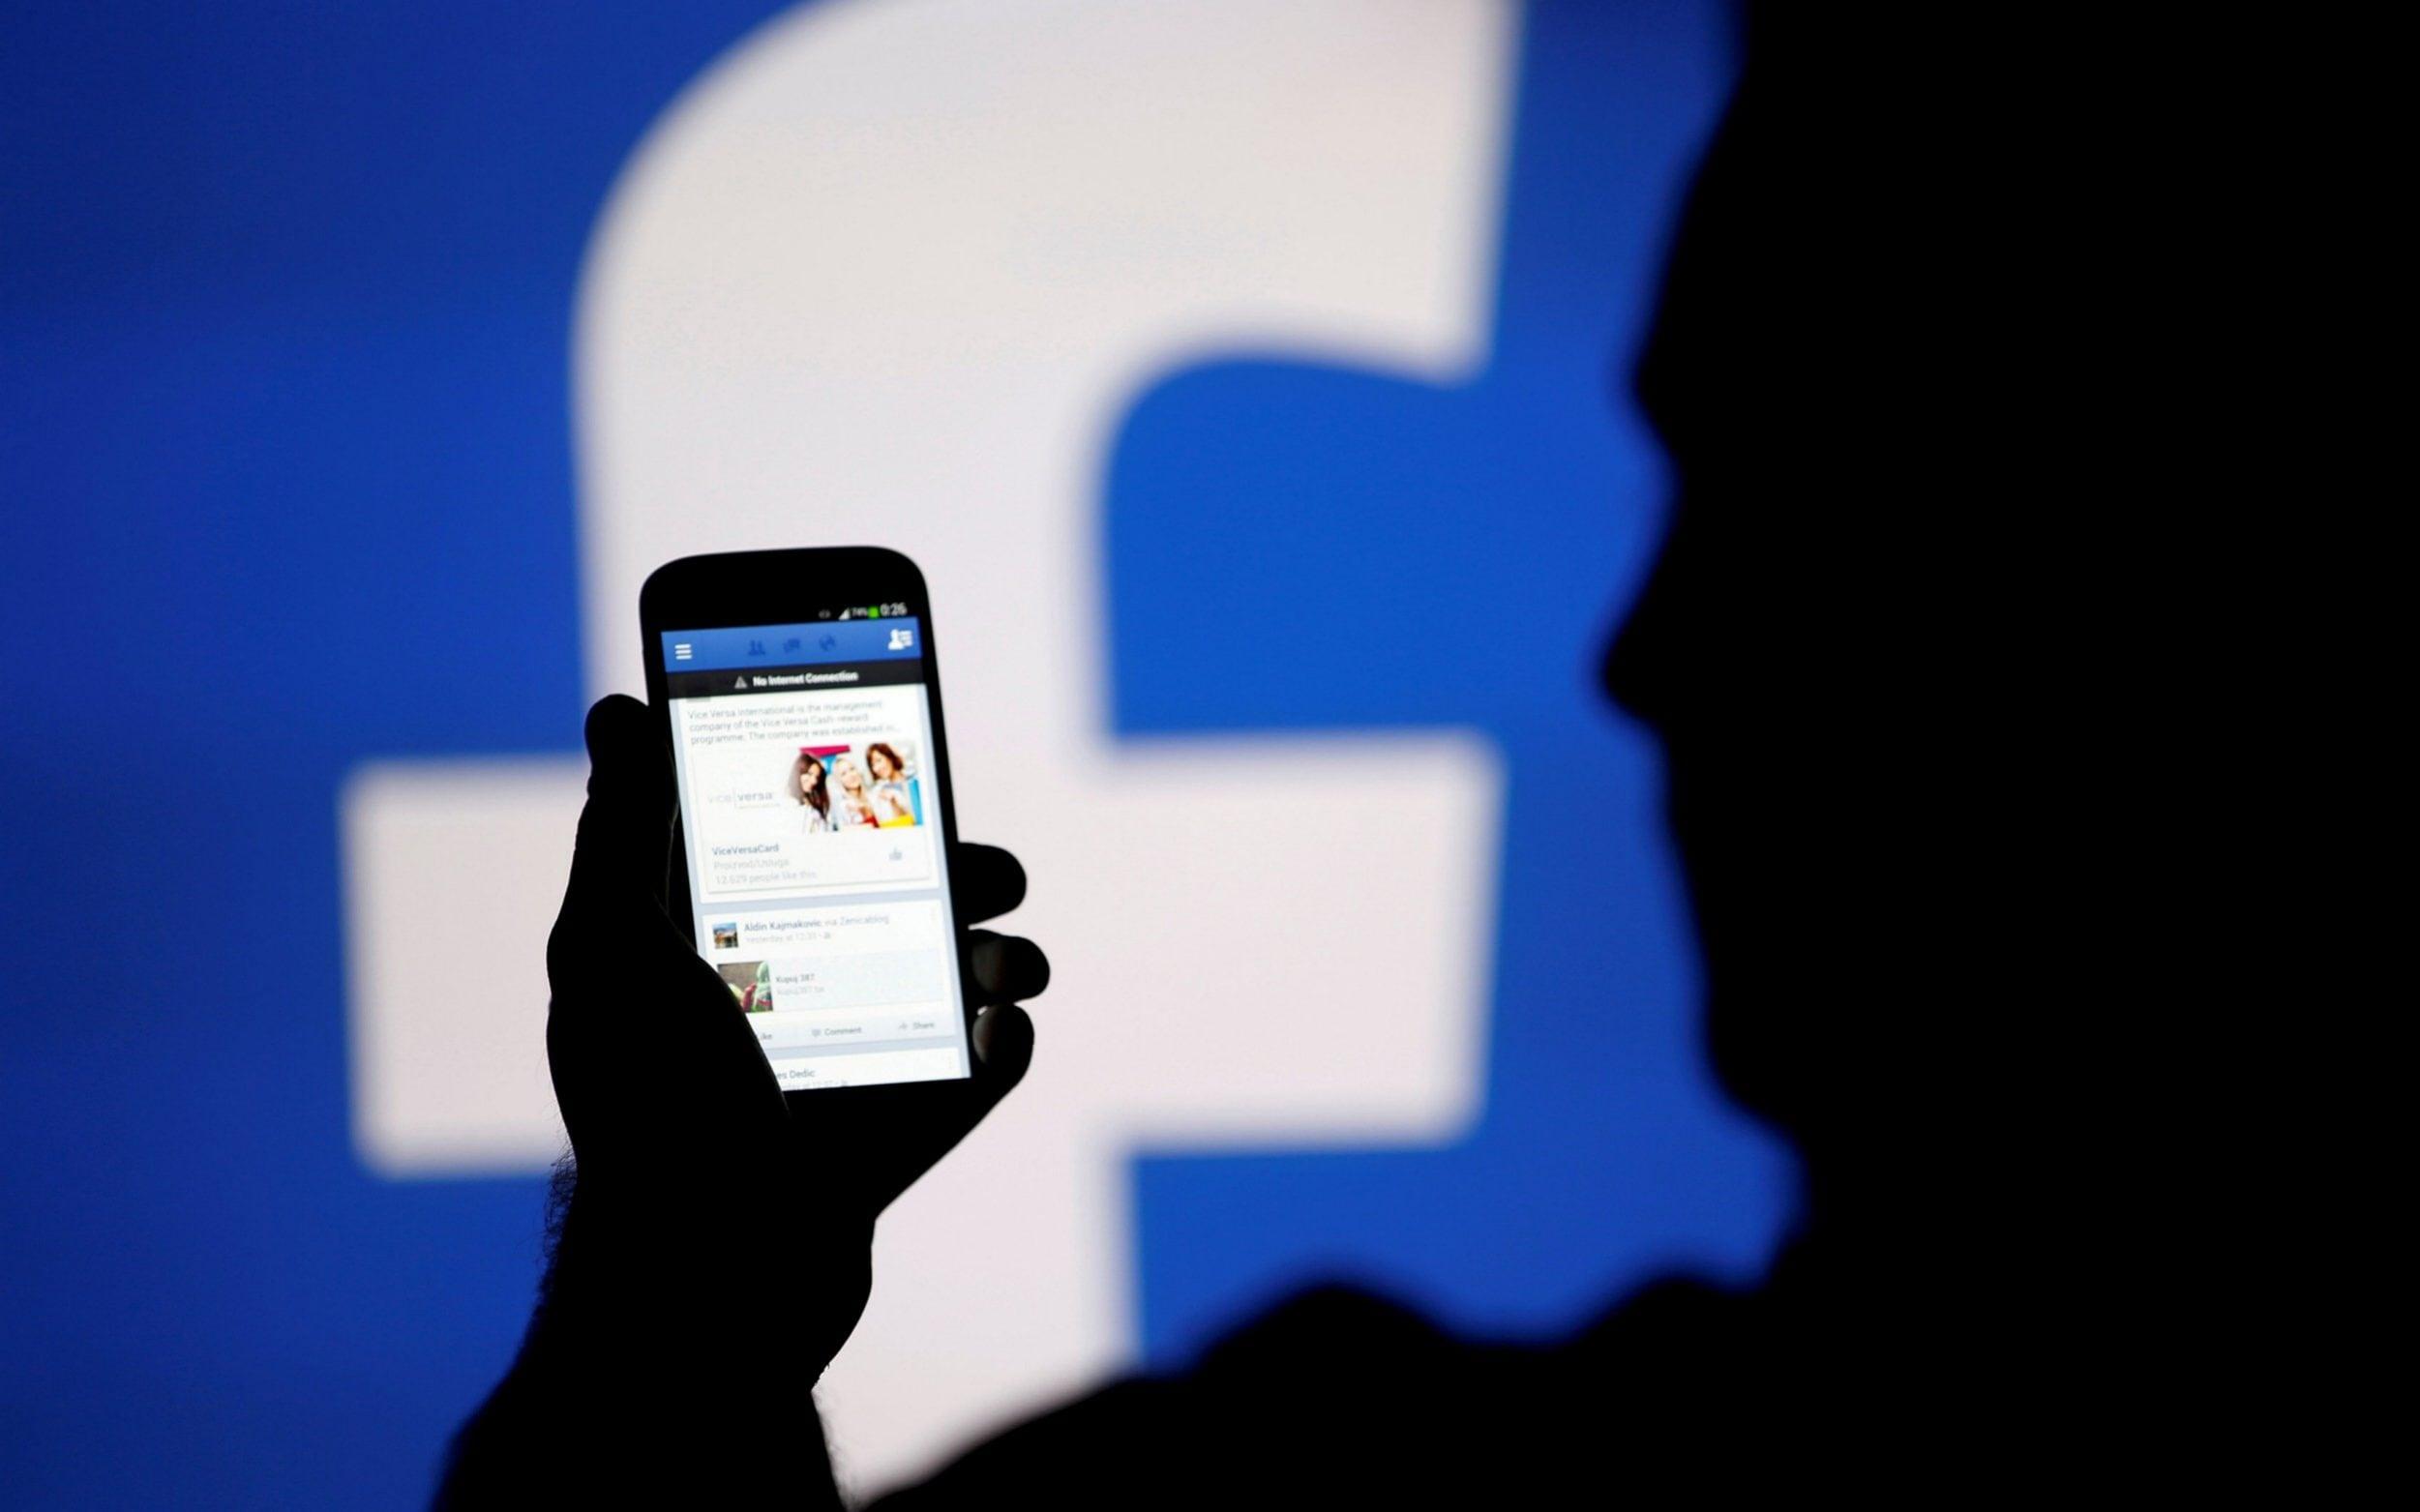 Акции Facebook обвалились на 8% из-за бойкота рекламодателей